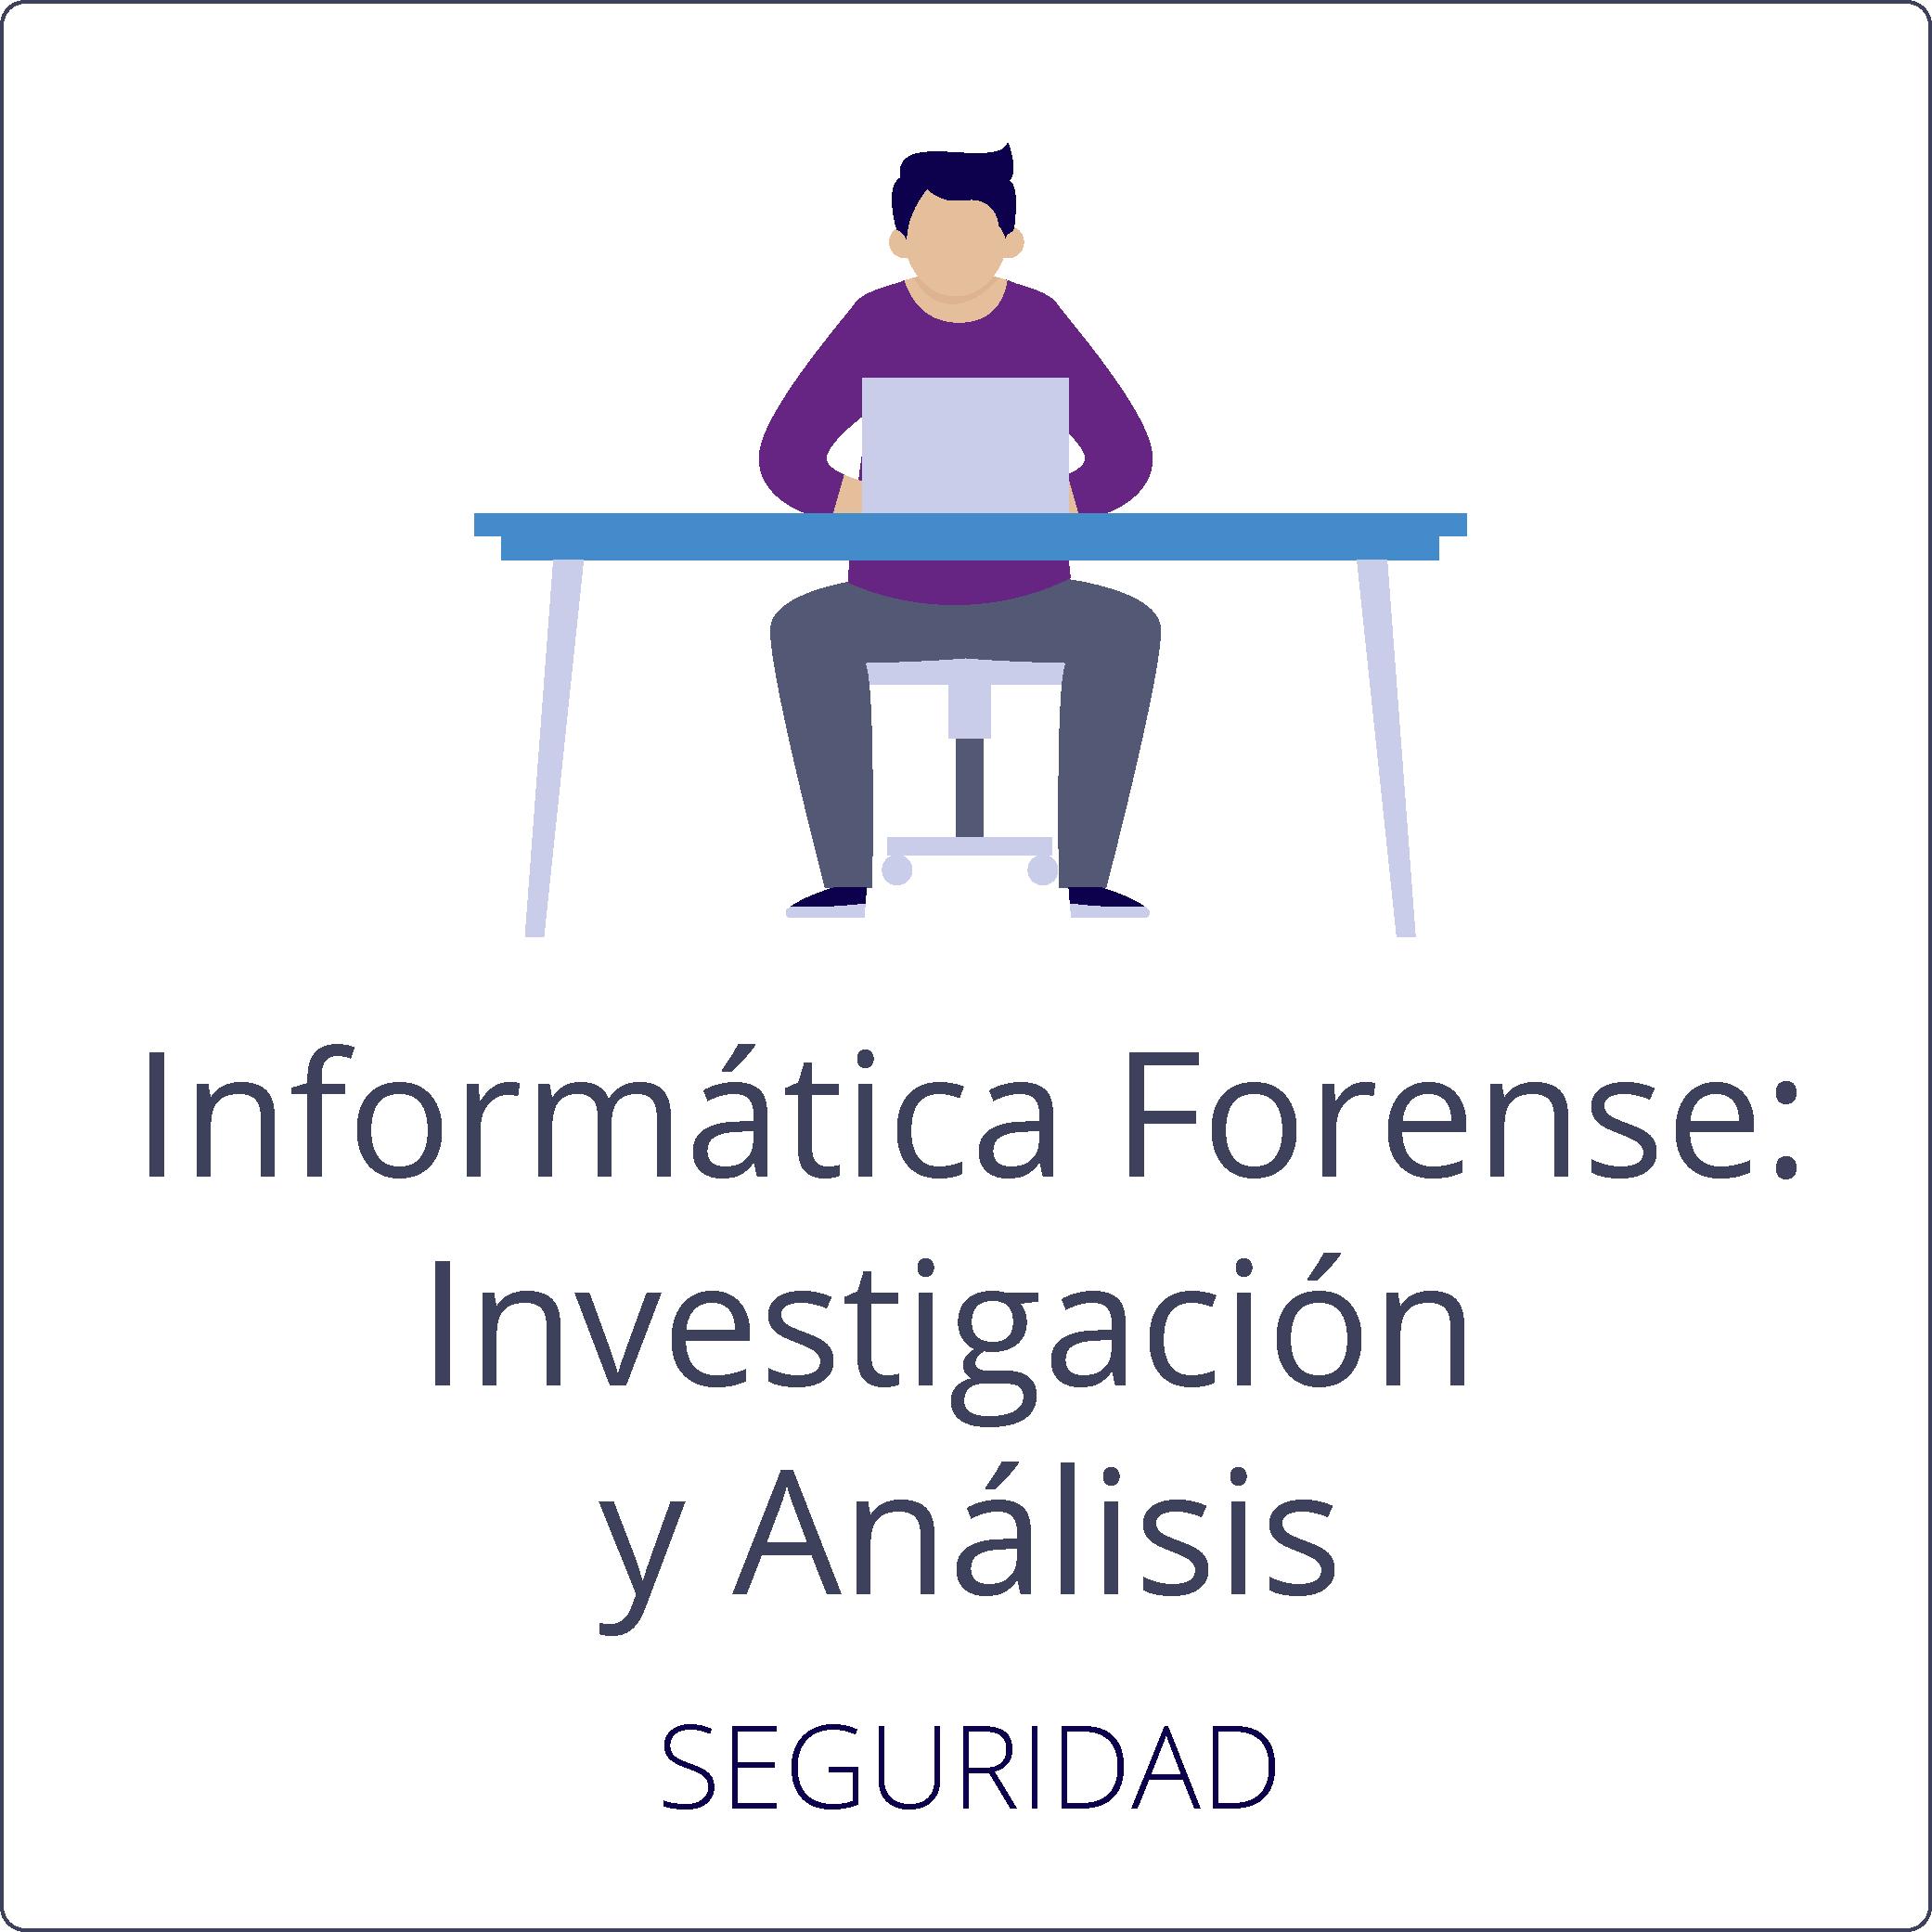 Informática Forense: Investigación y análisis